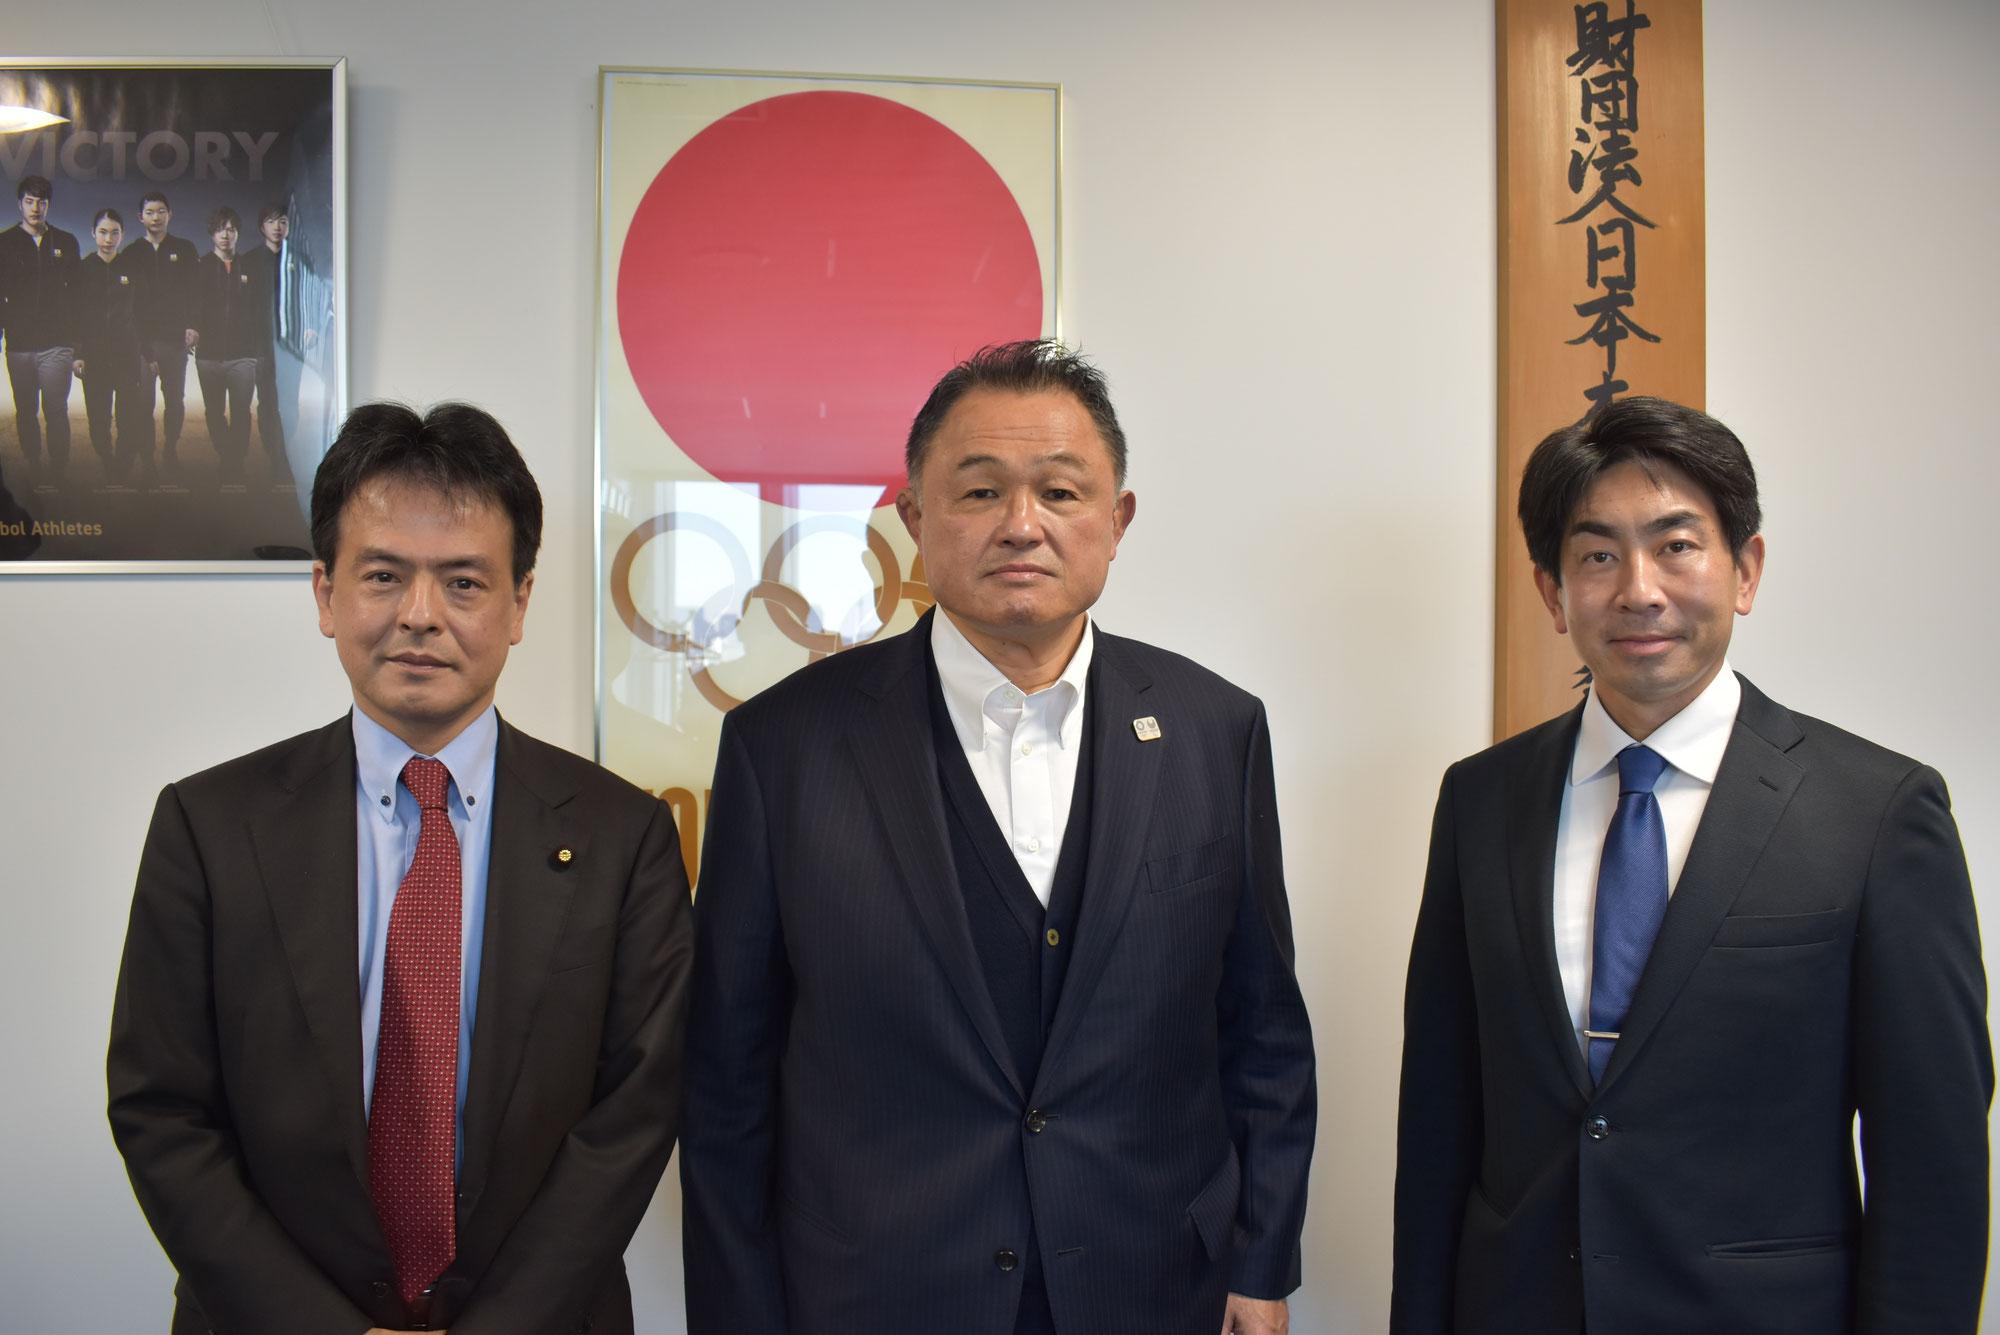 日本オリンピック委員会(JOC)会長、山下泰裕先生